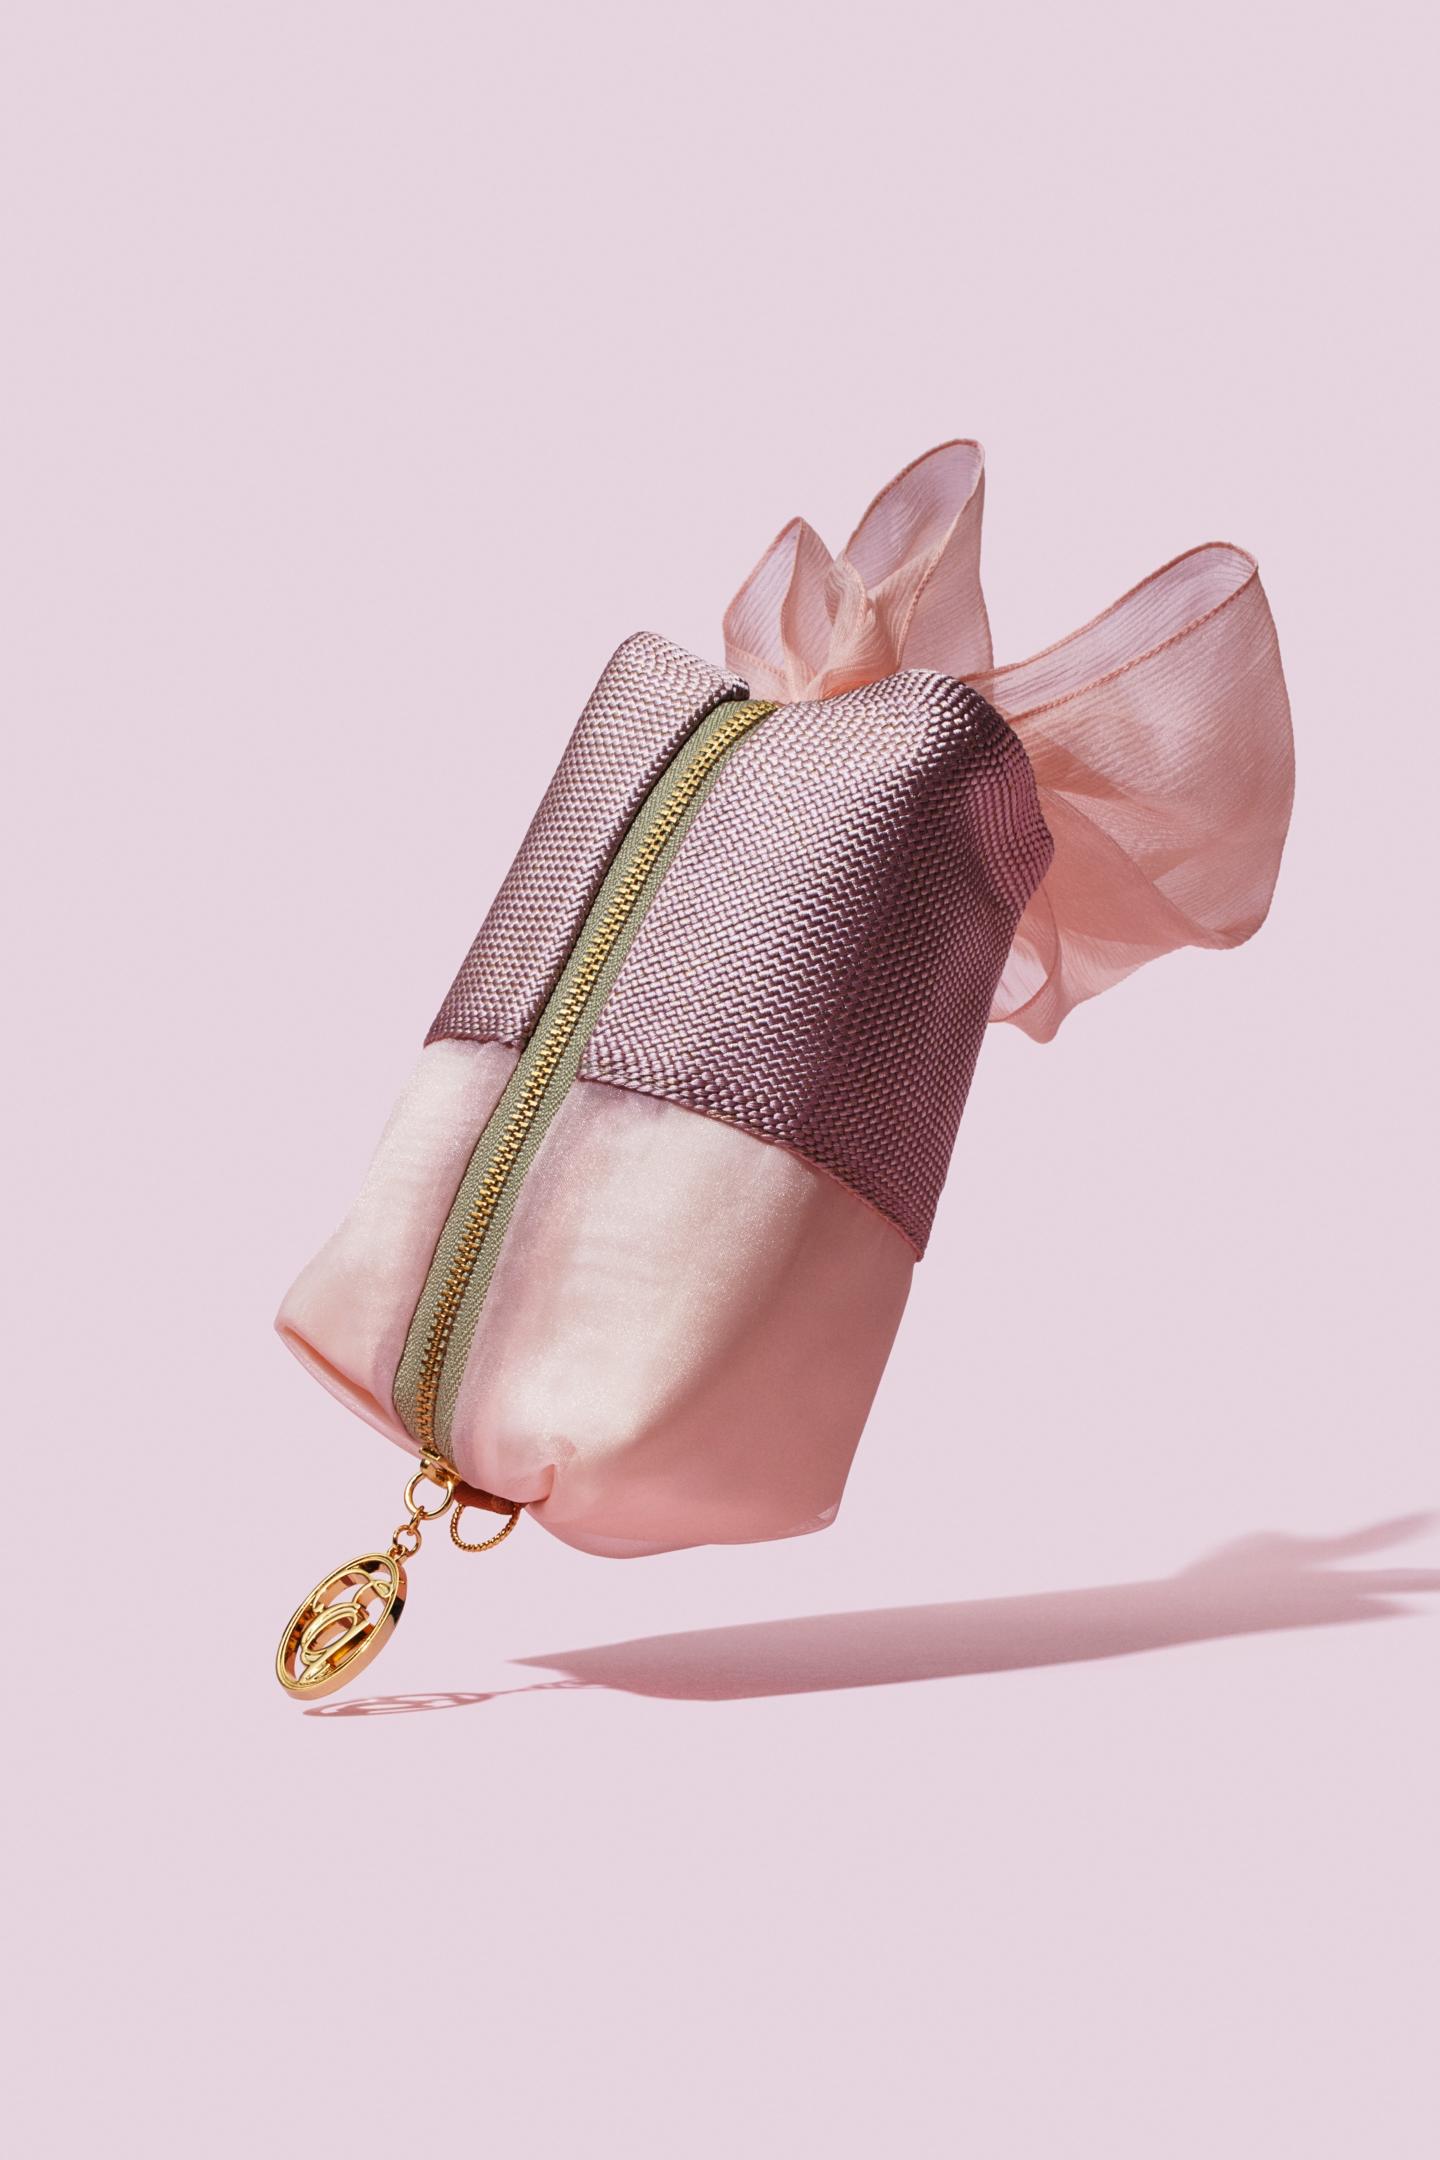 【龍工房】ハレの日に使いたい雨傘